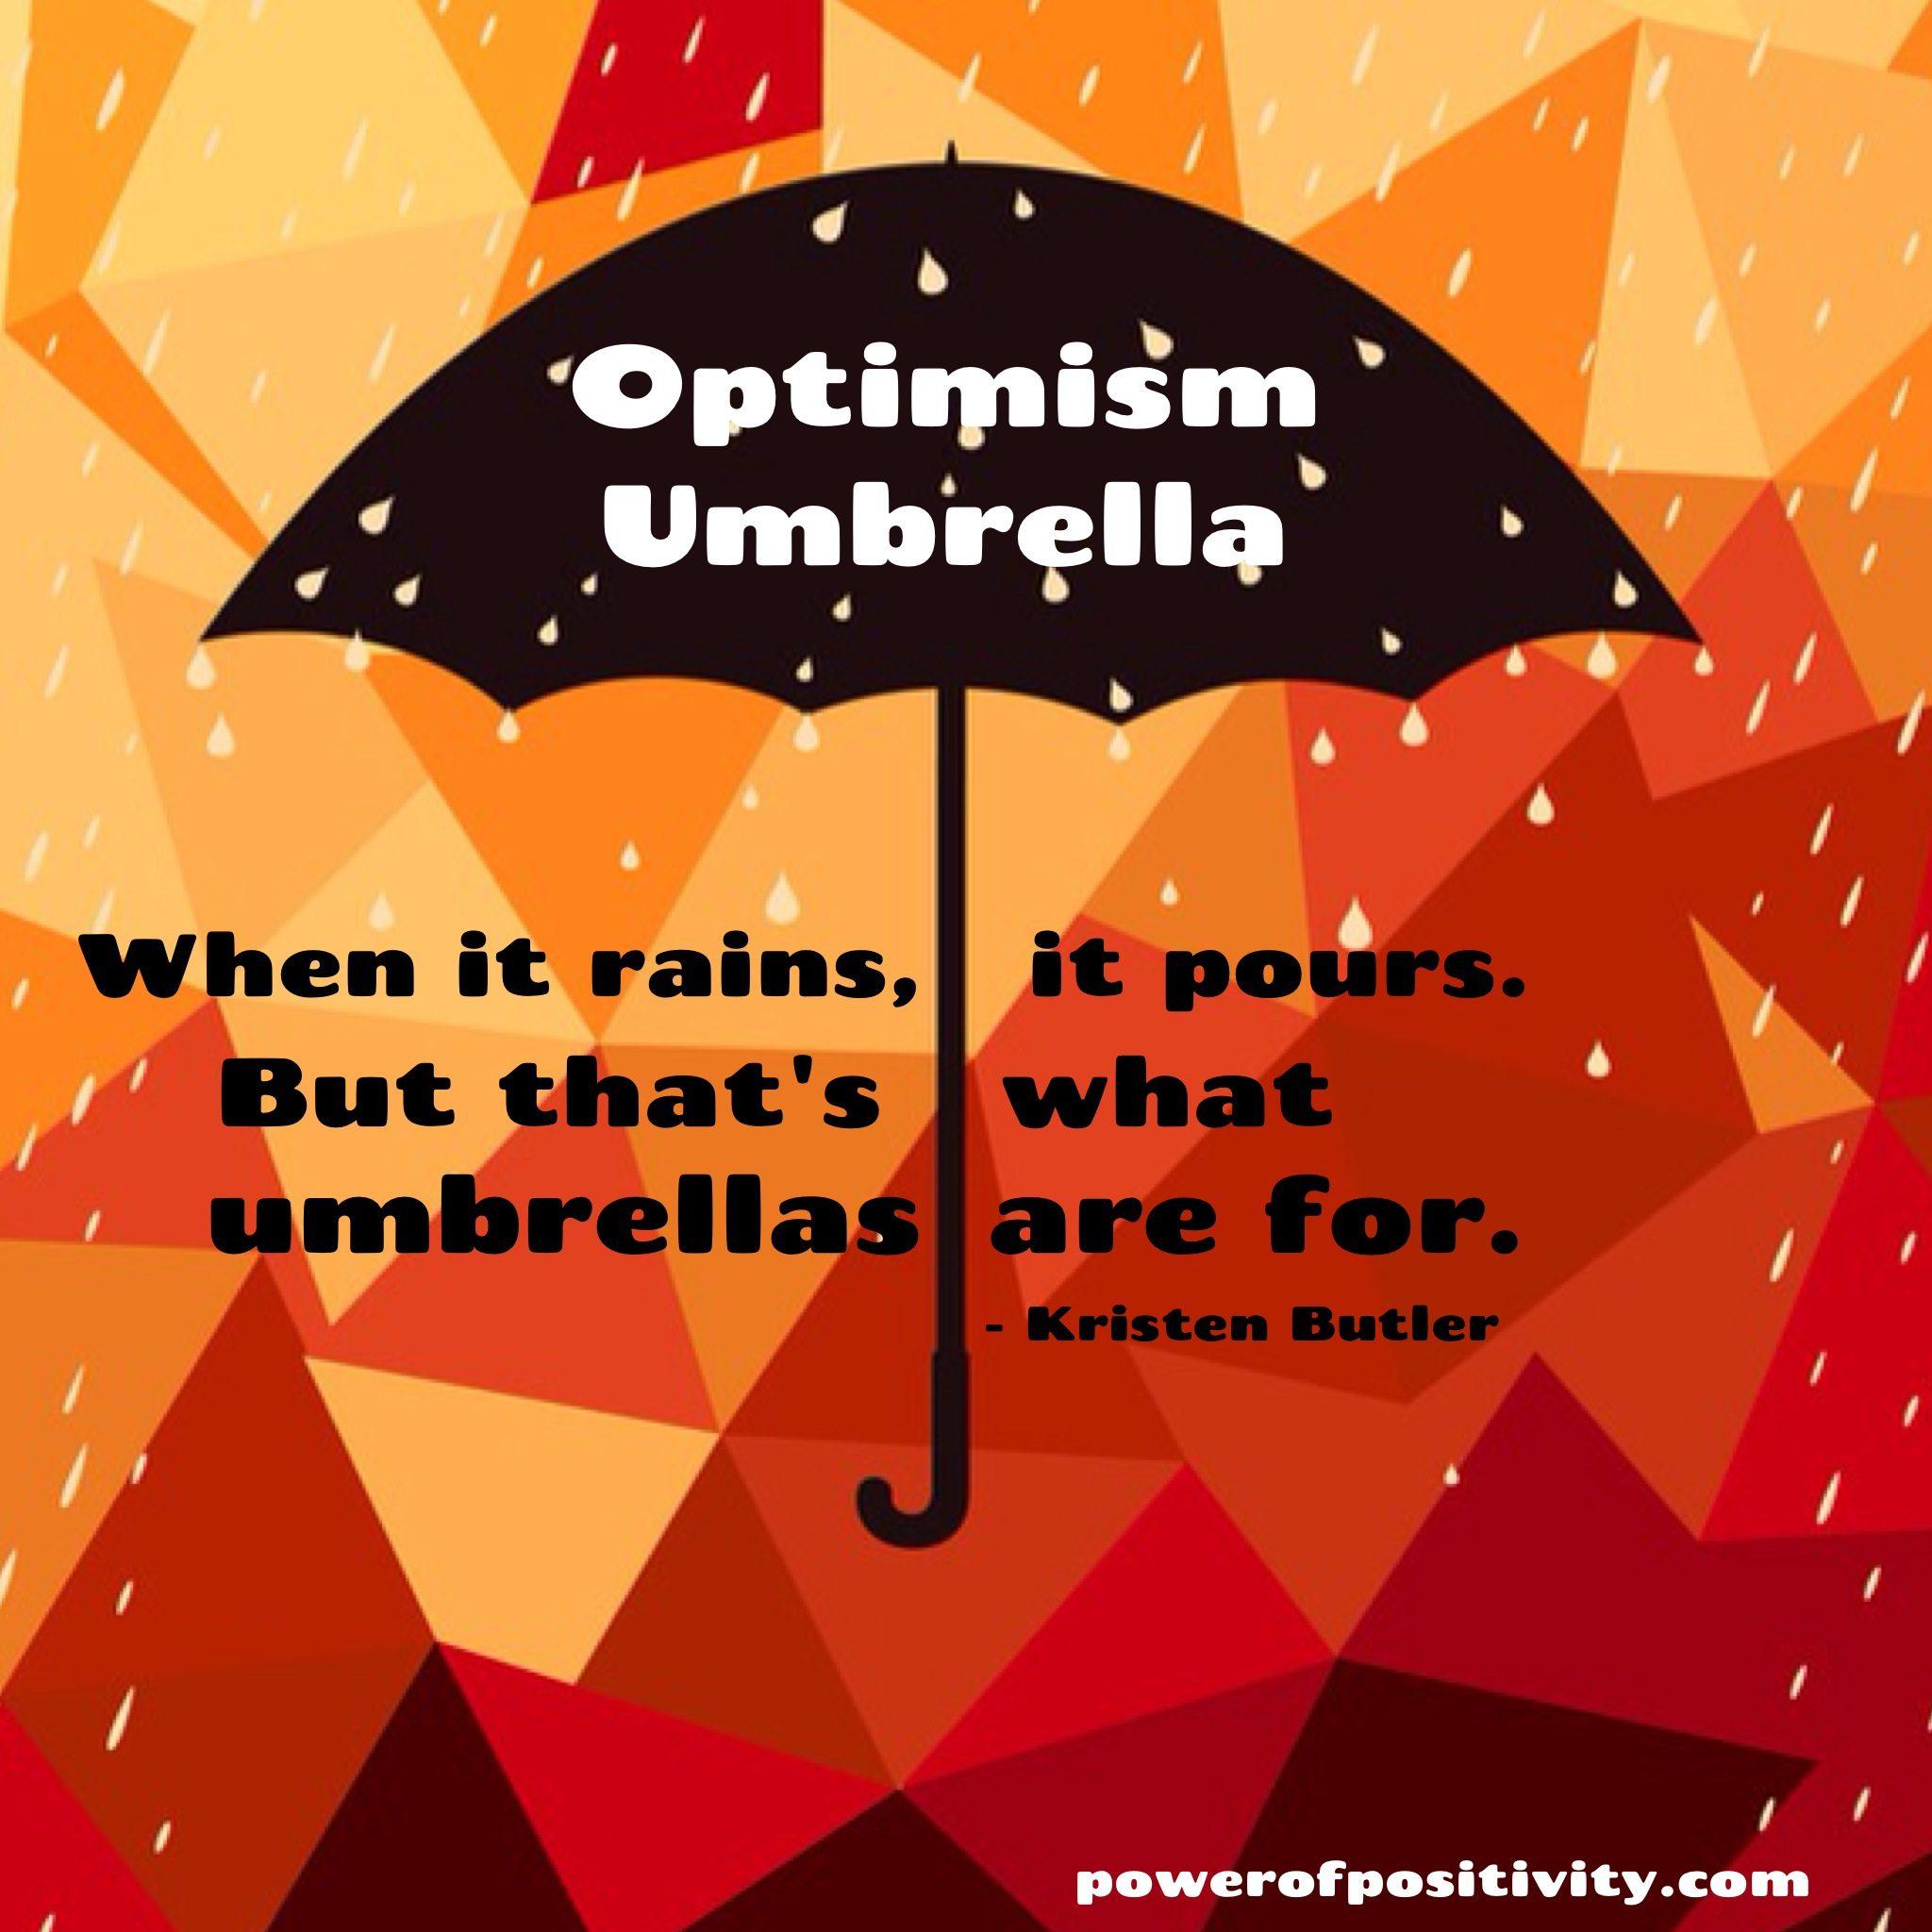 optimism-umbrella